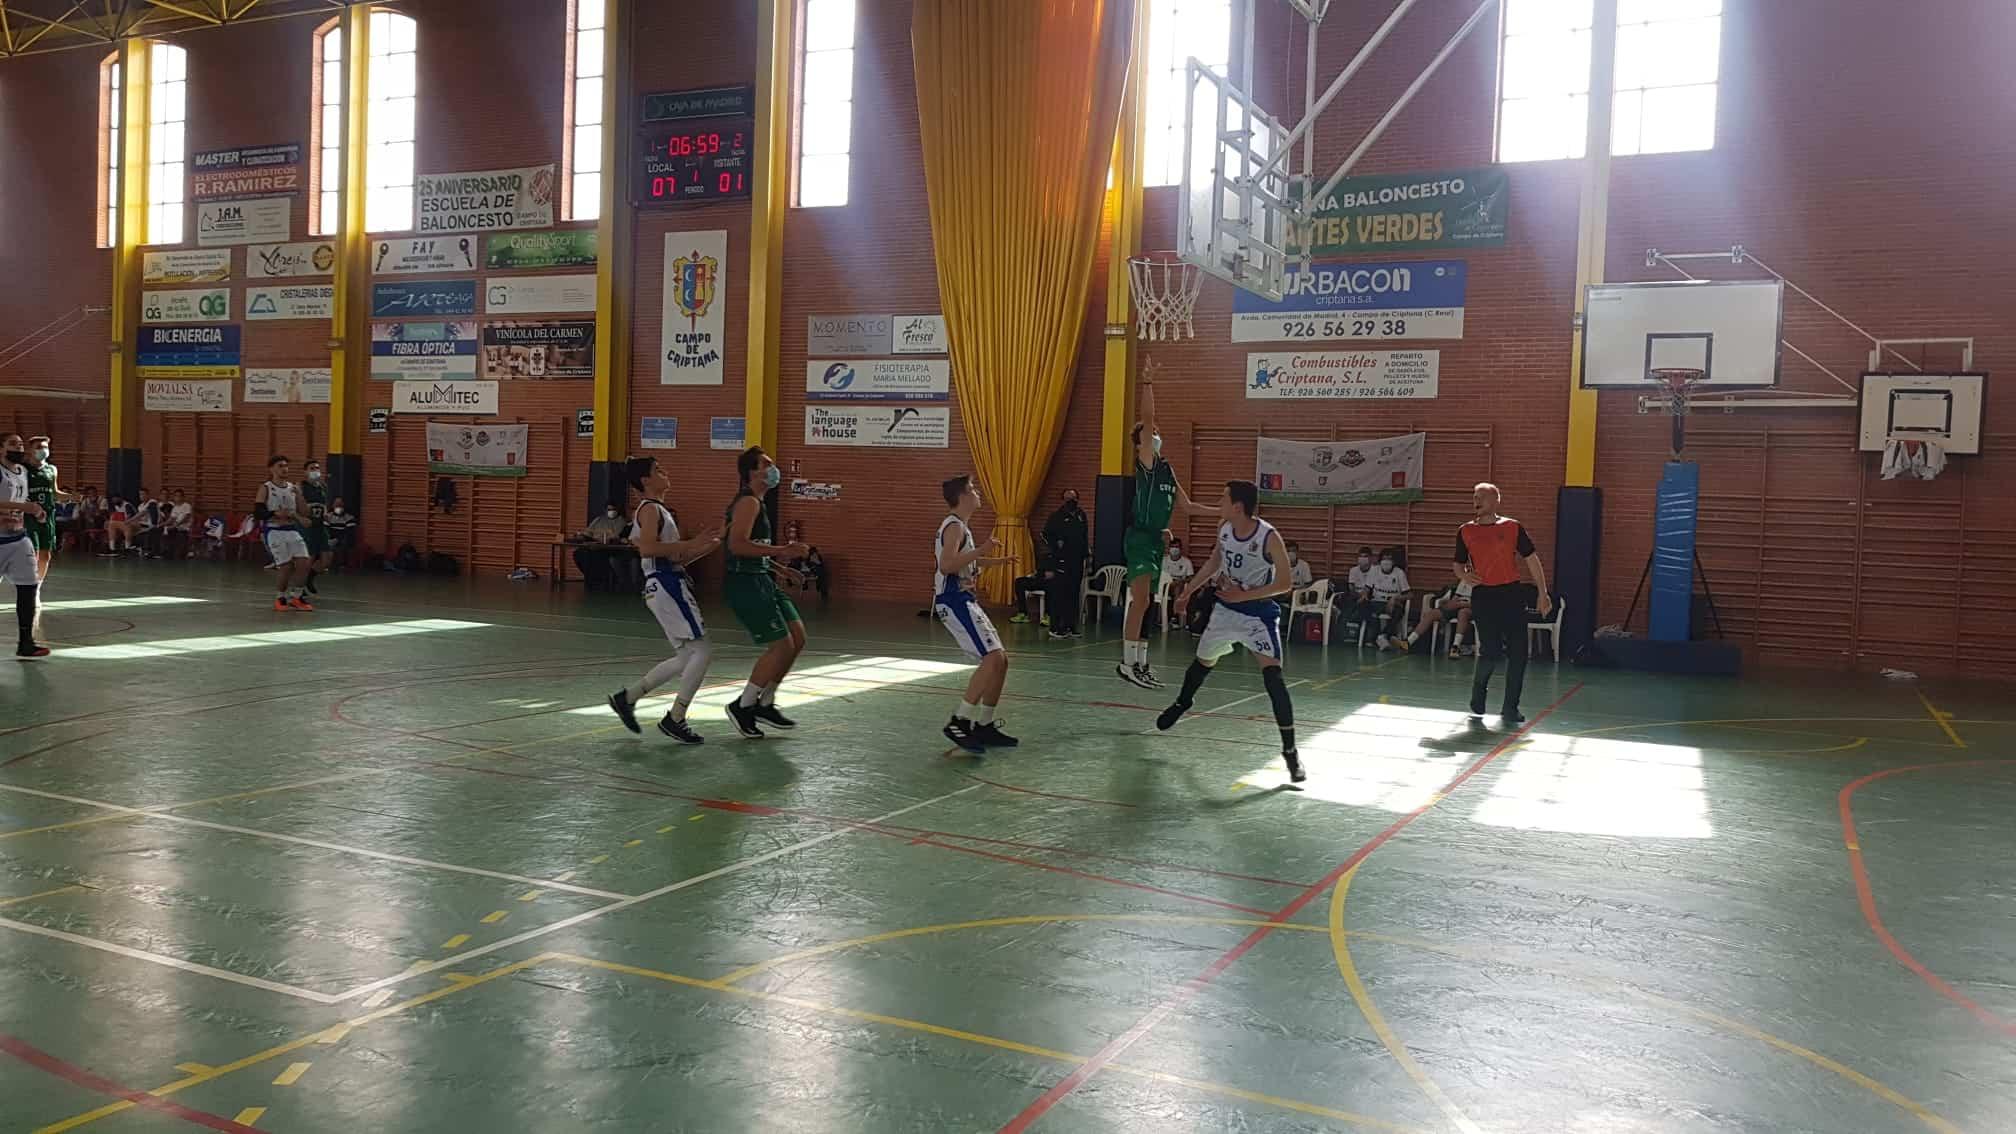 El equipo junior femenino de baloncesto Criptana se alzó con la victoria en la última jornada de liga 4